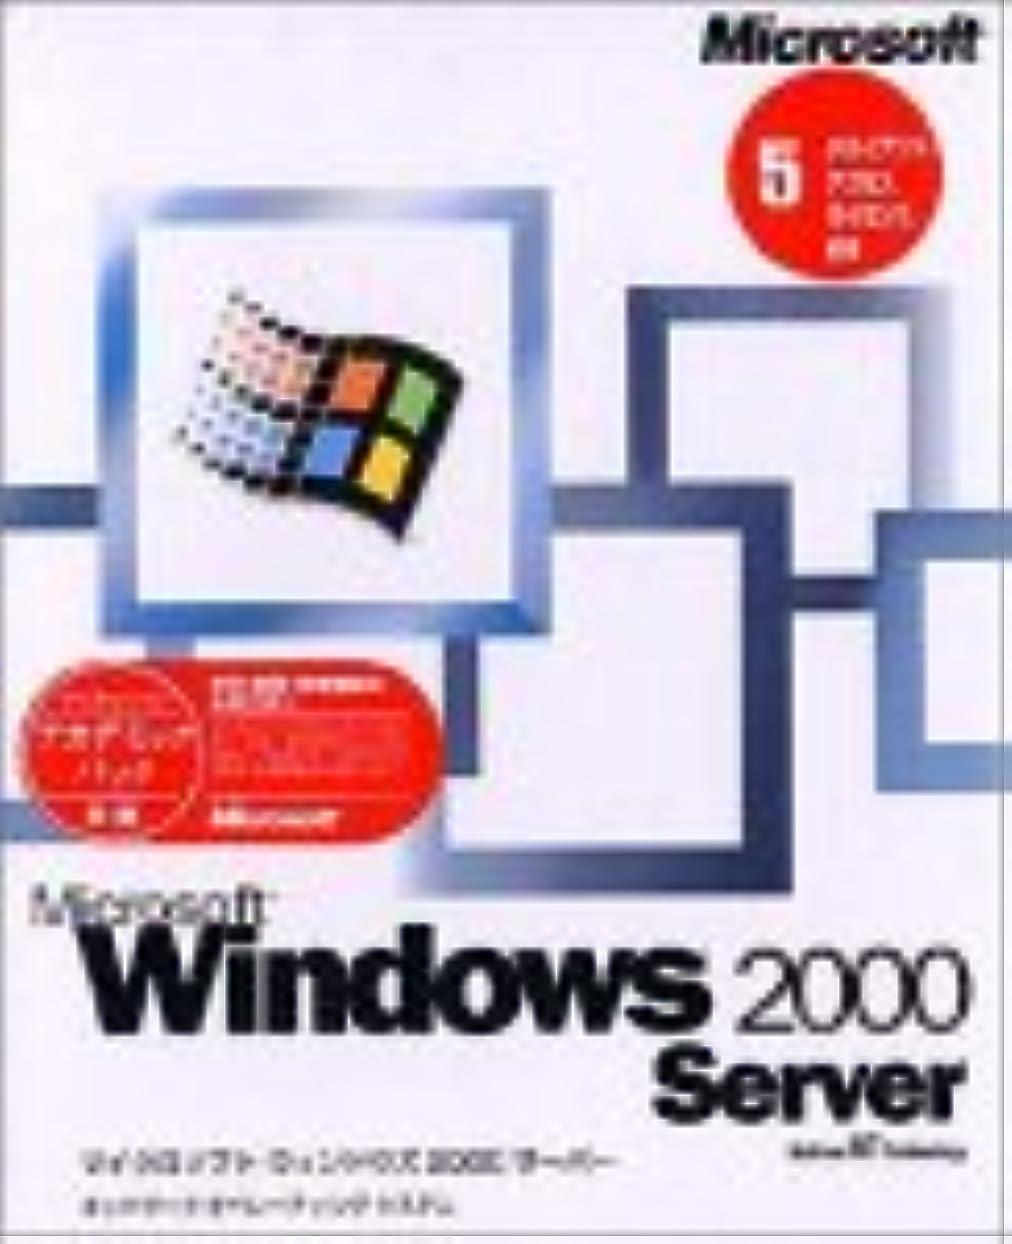 おじさん塗抹以内にMicrosoft Windows 2000 Server アカデミックパック 5クライアントアクセスライセンス付き Service Pack 4